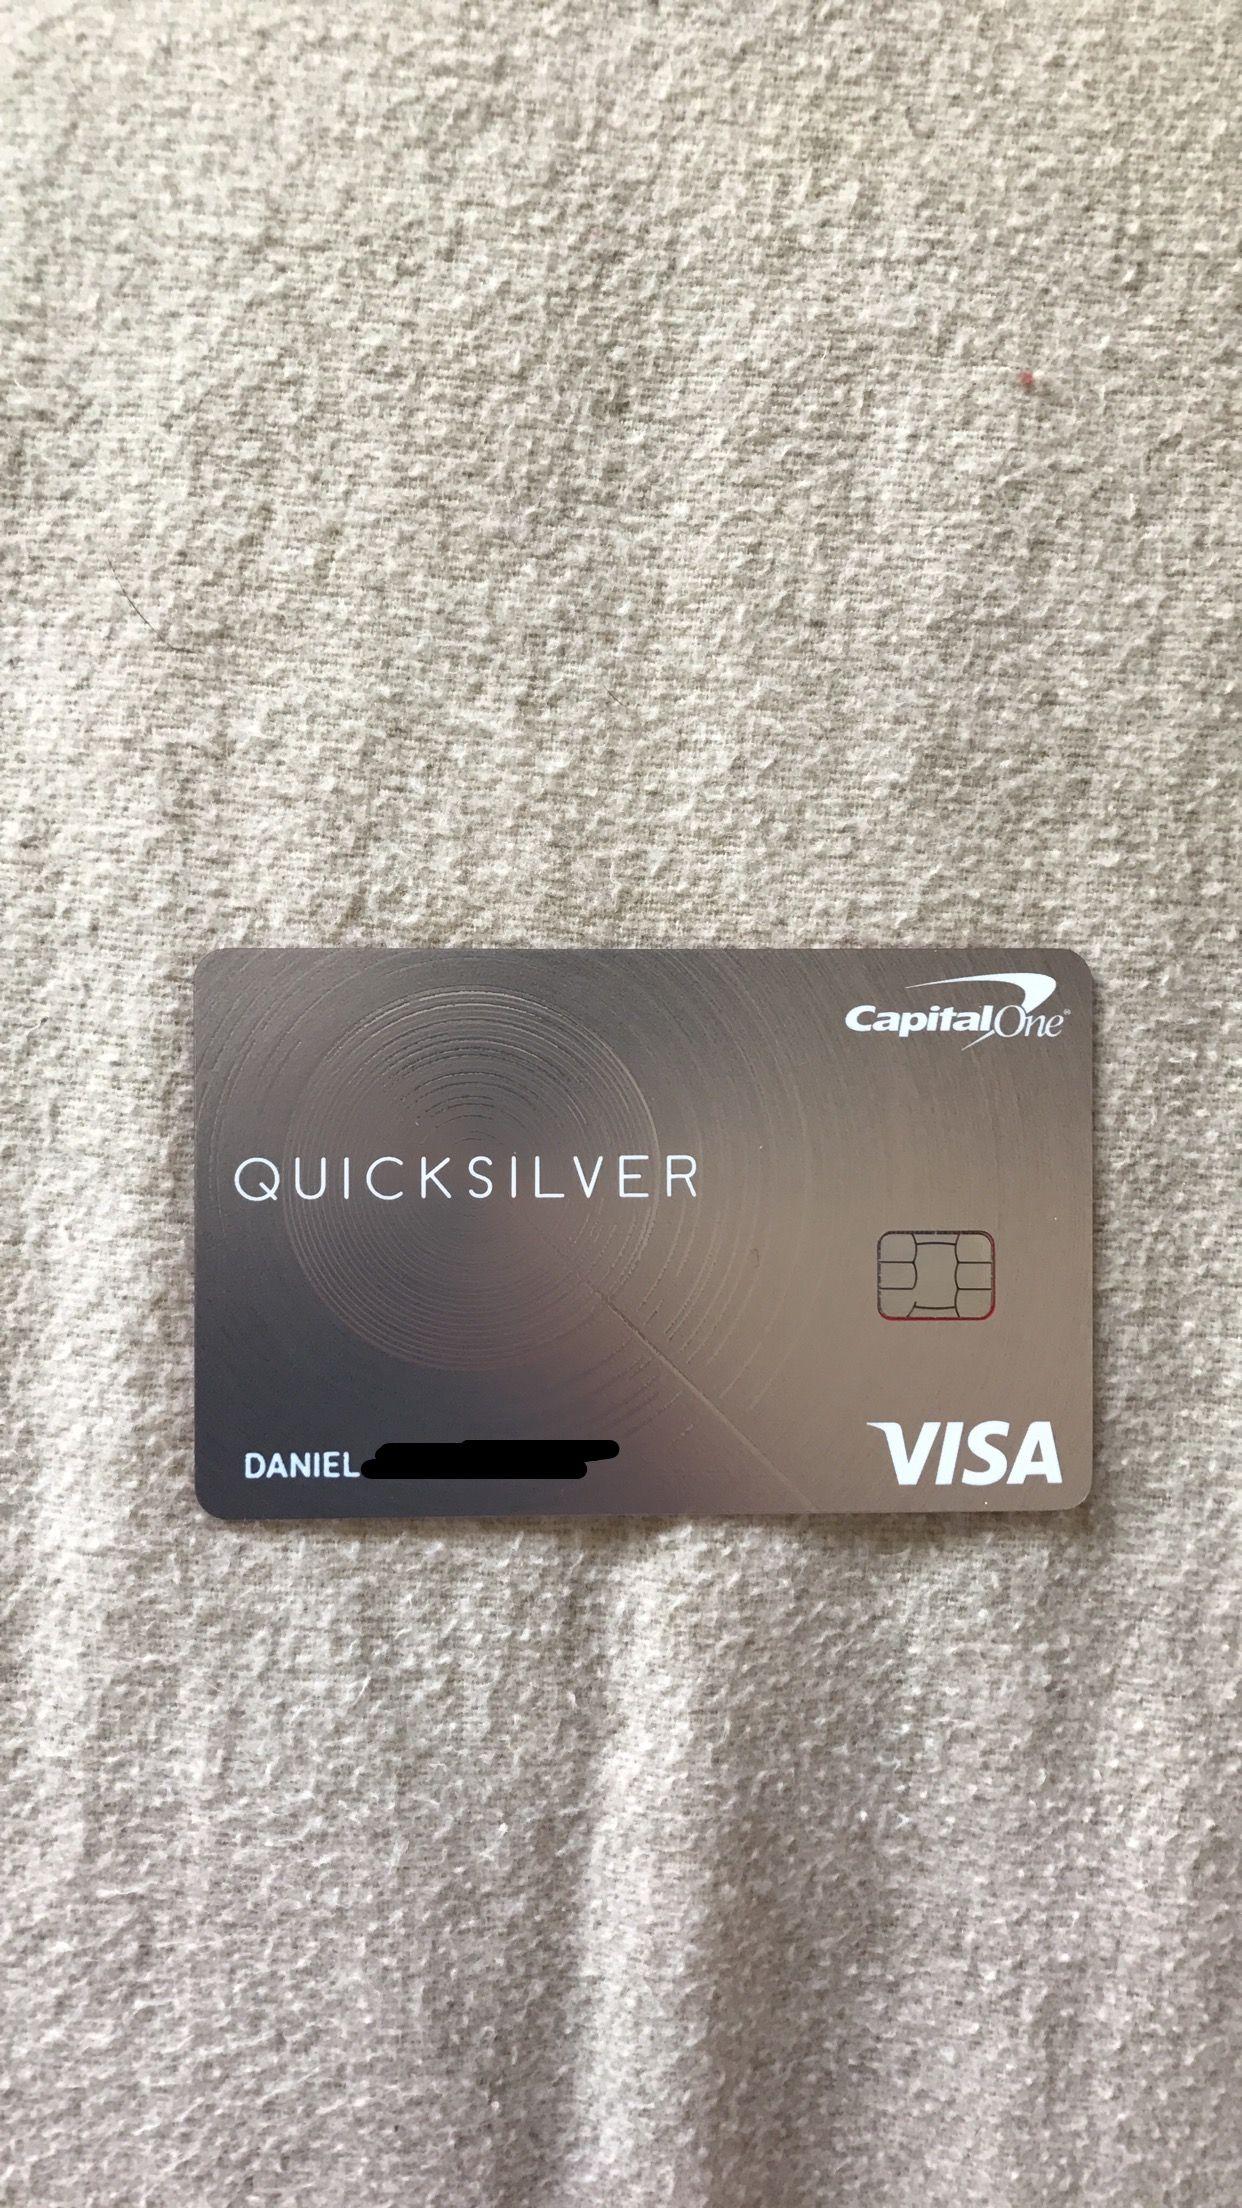 Похожее изображение  Credit card design, Quicksilver card, Credit